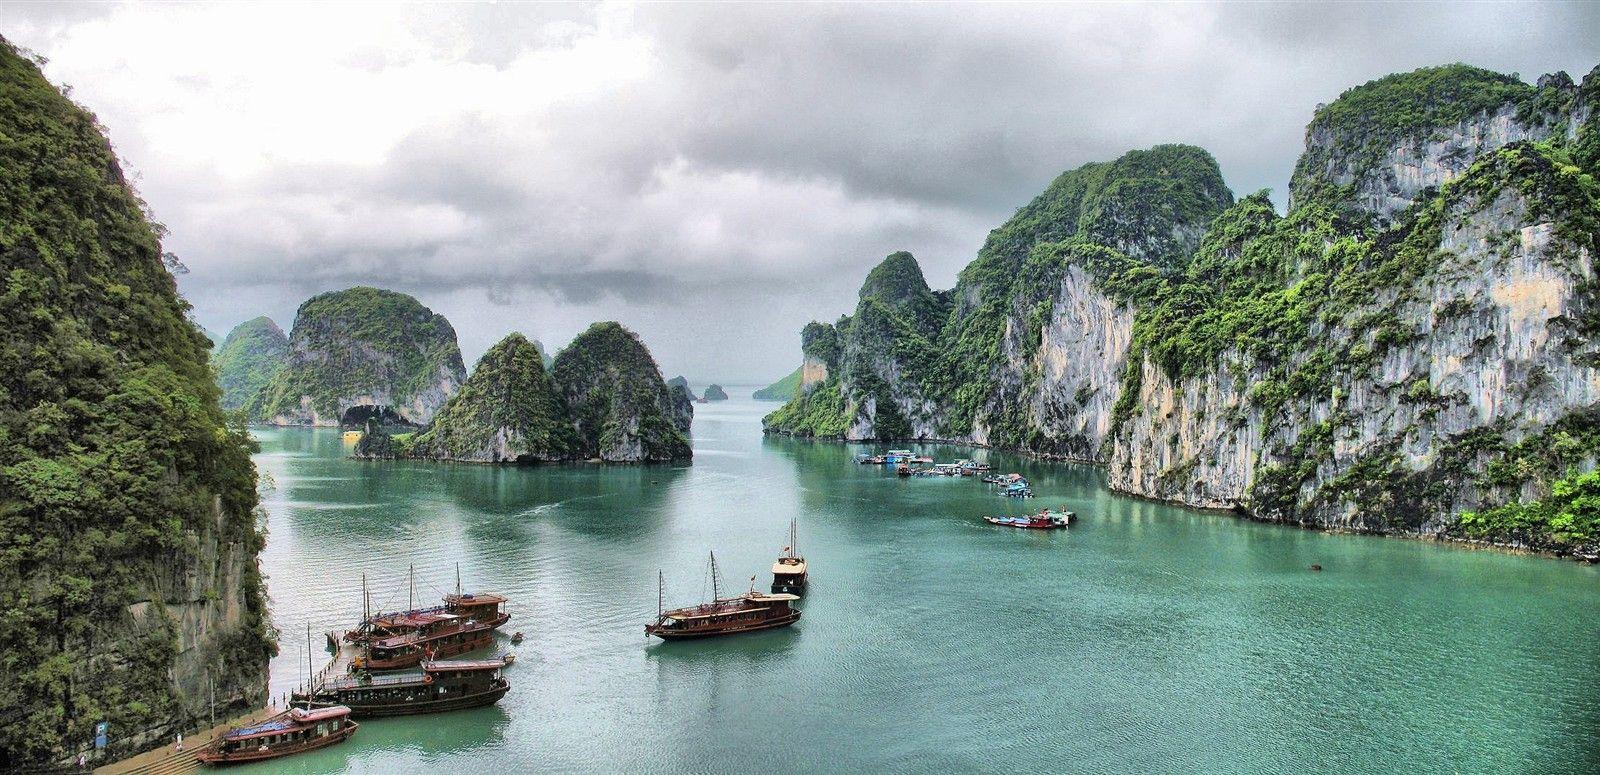 vietnam landscape - Google Search | Dazzling Destinations ...